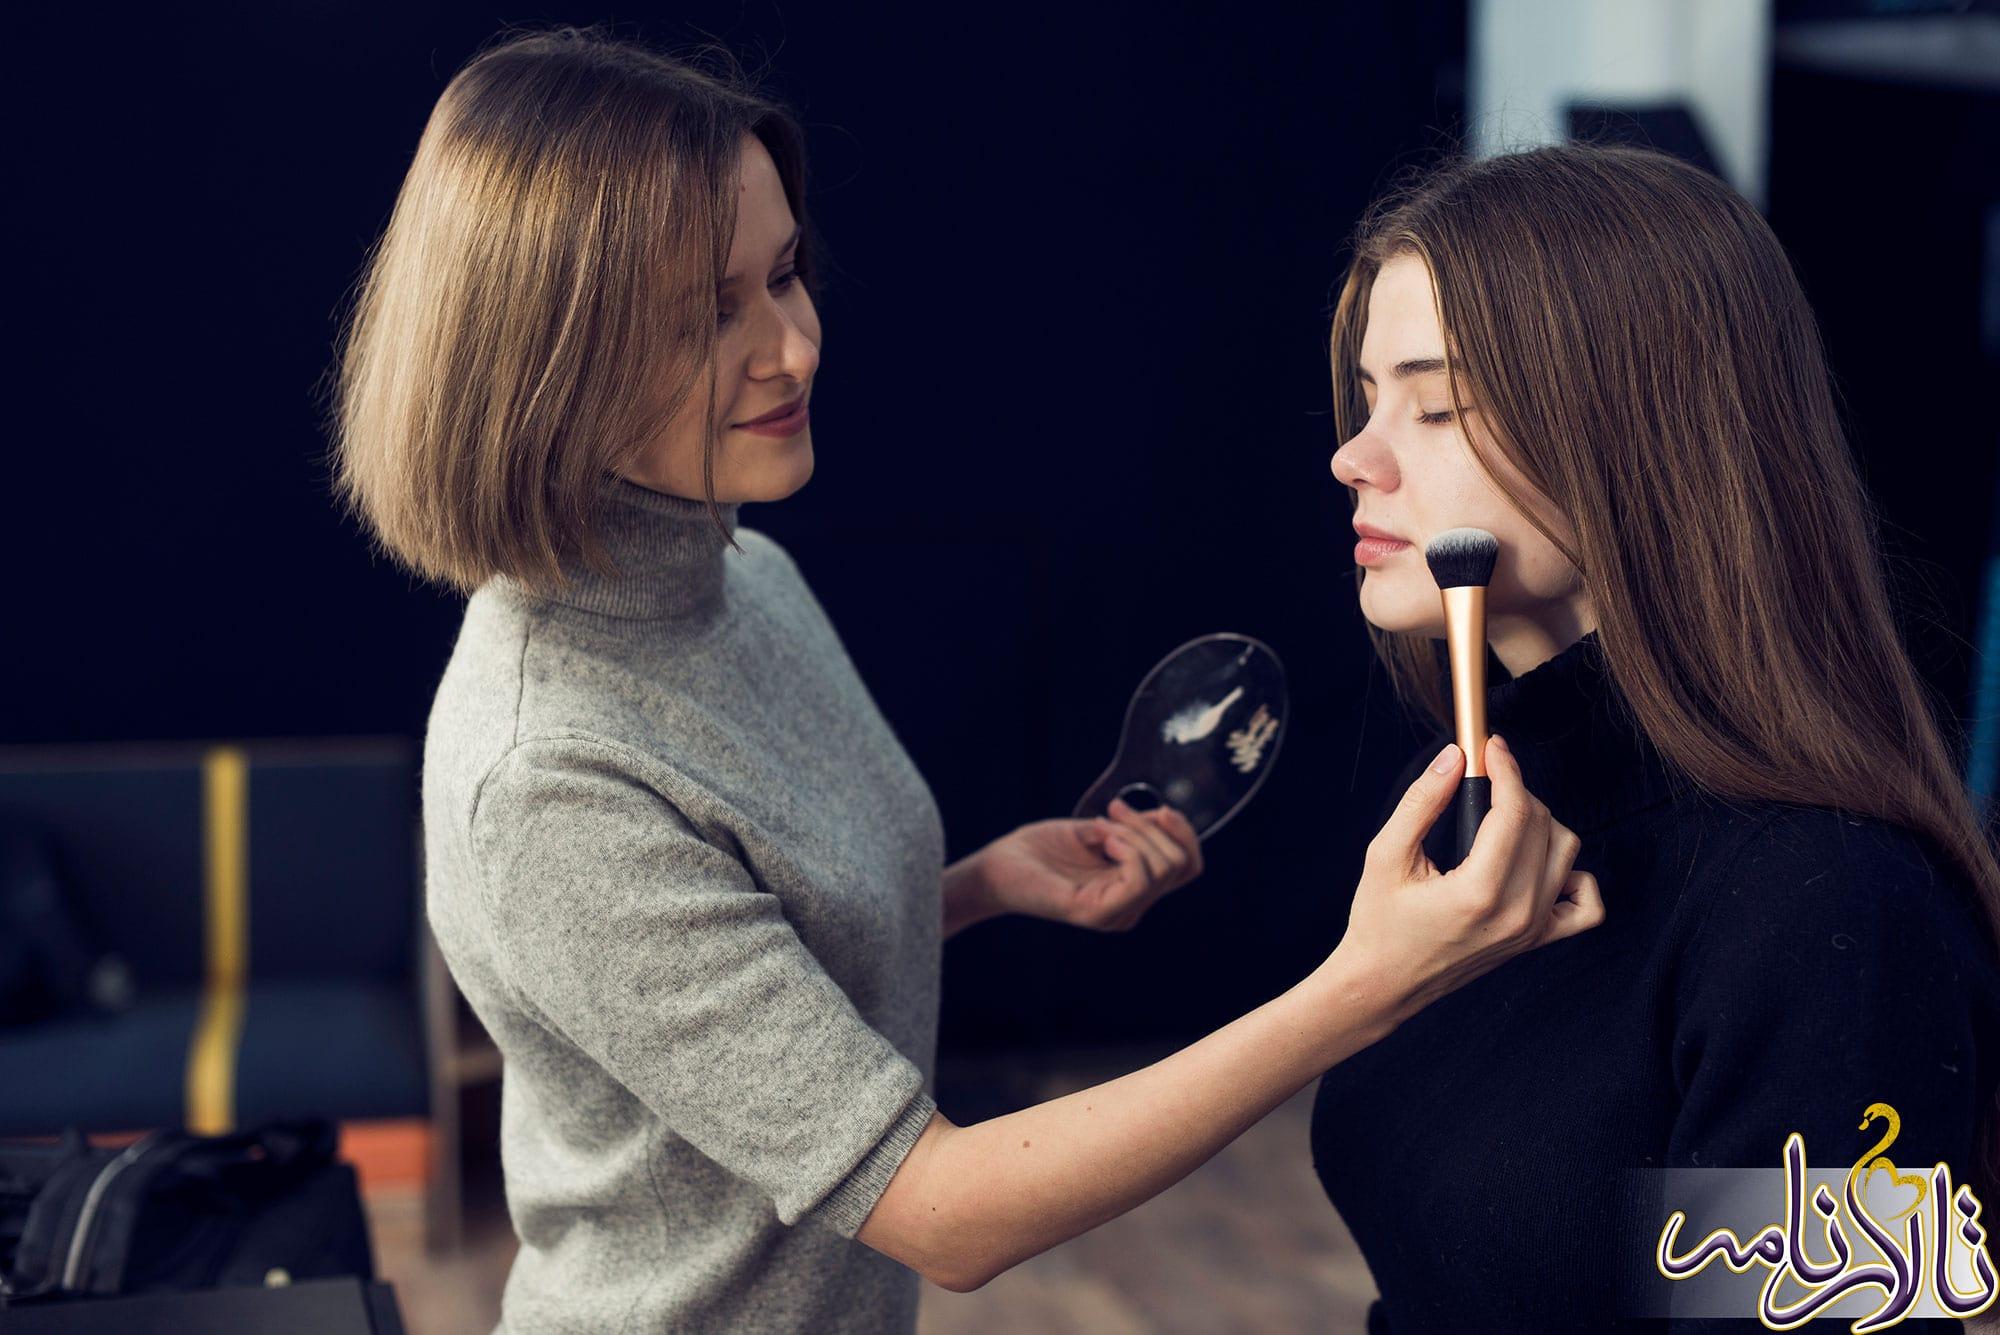 لیست بهترین آرایشگاه های زنانه تهران - نام 15 تا از بهترین آرایشگاه های زنانه در تهران